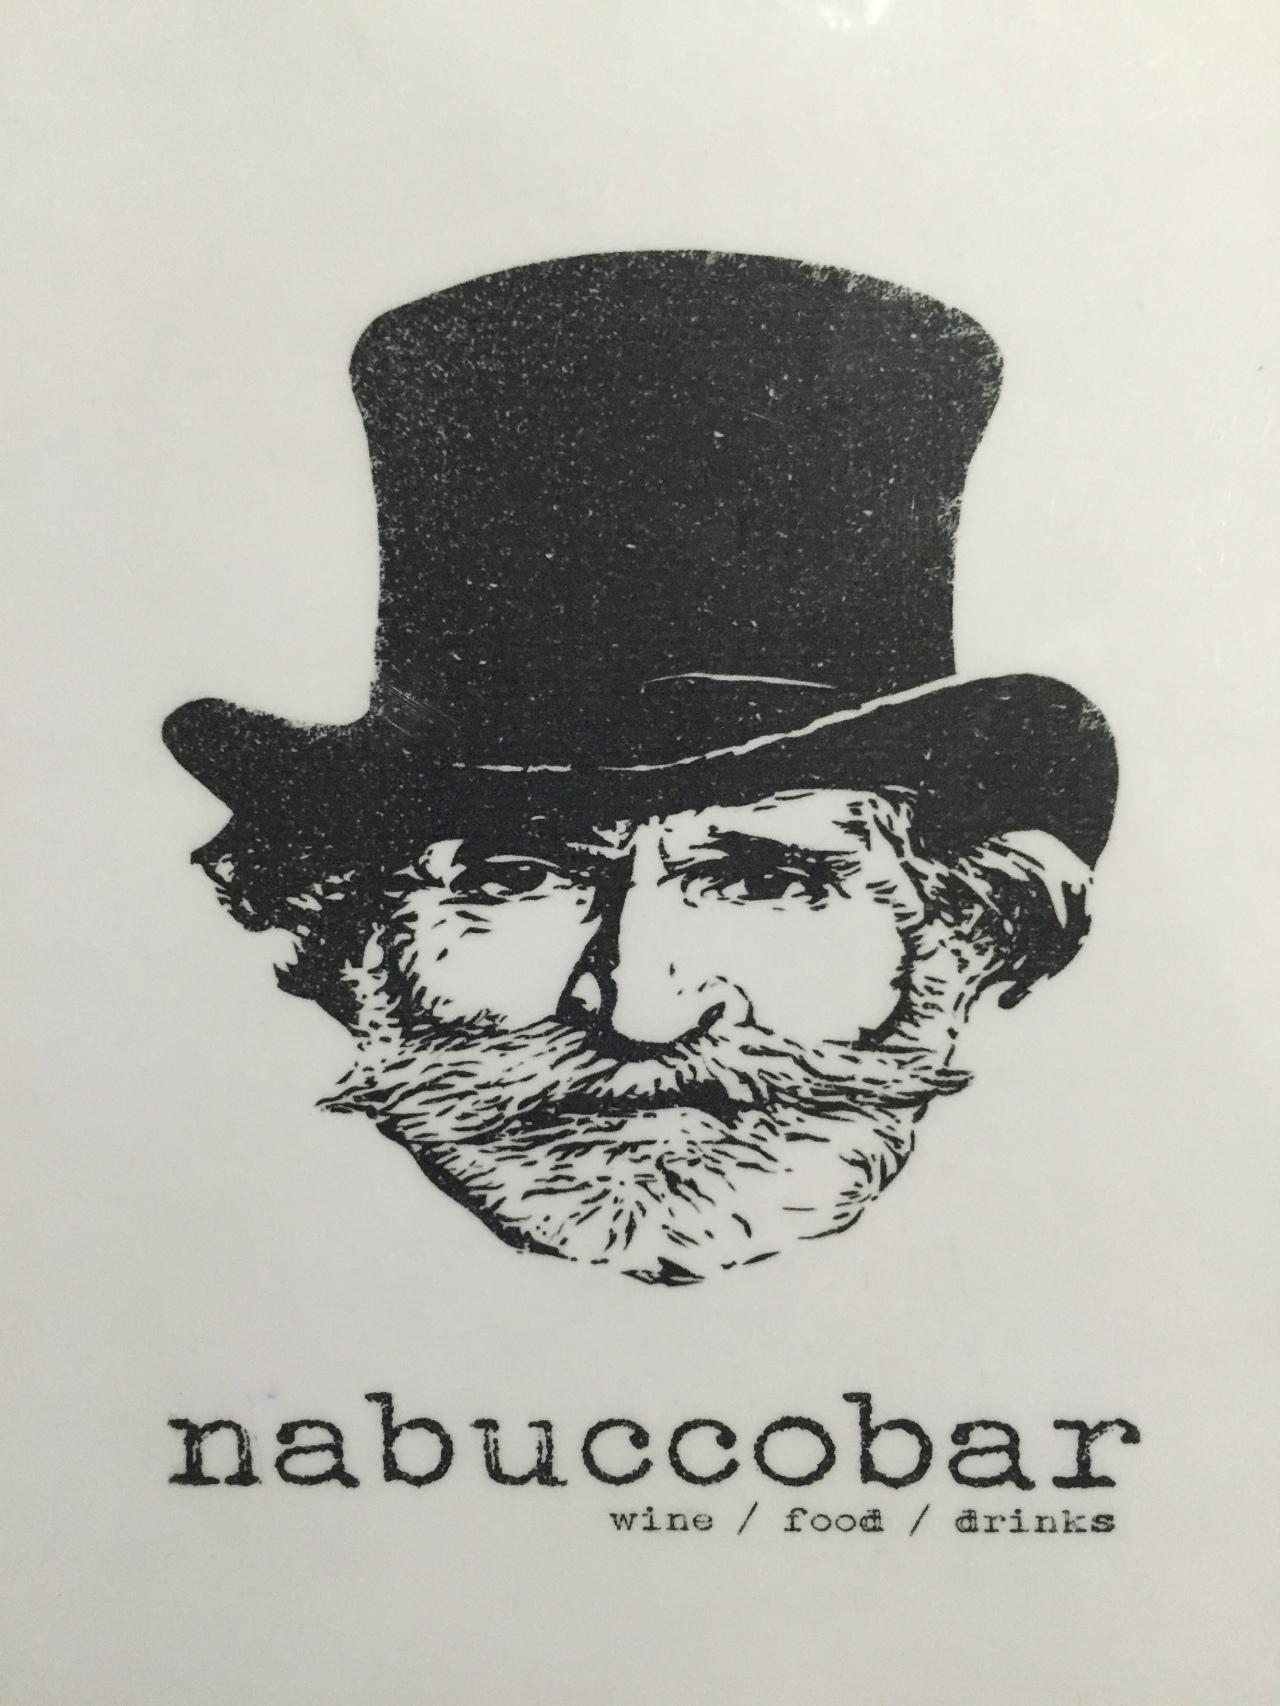 Nabucco Bar